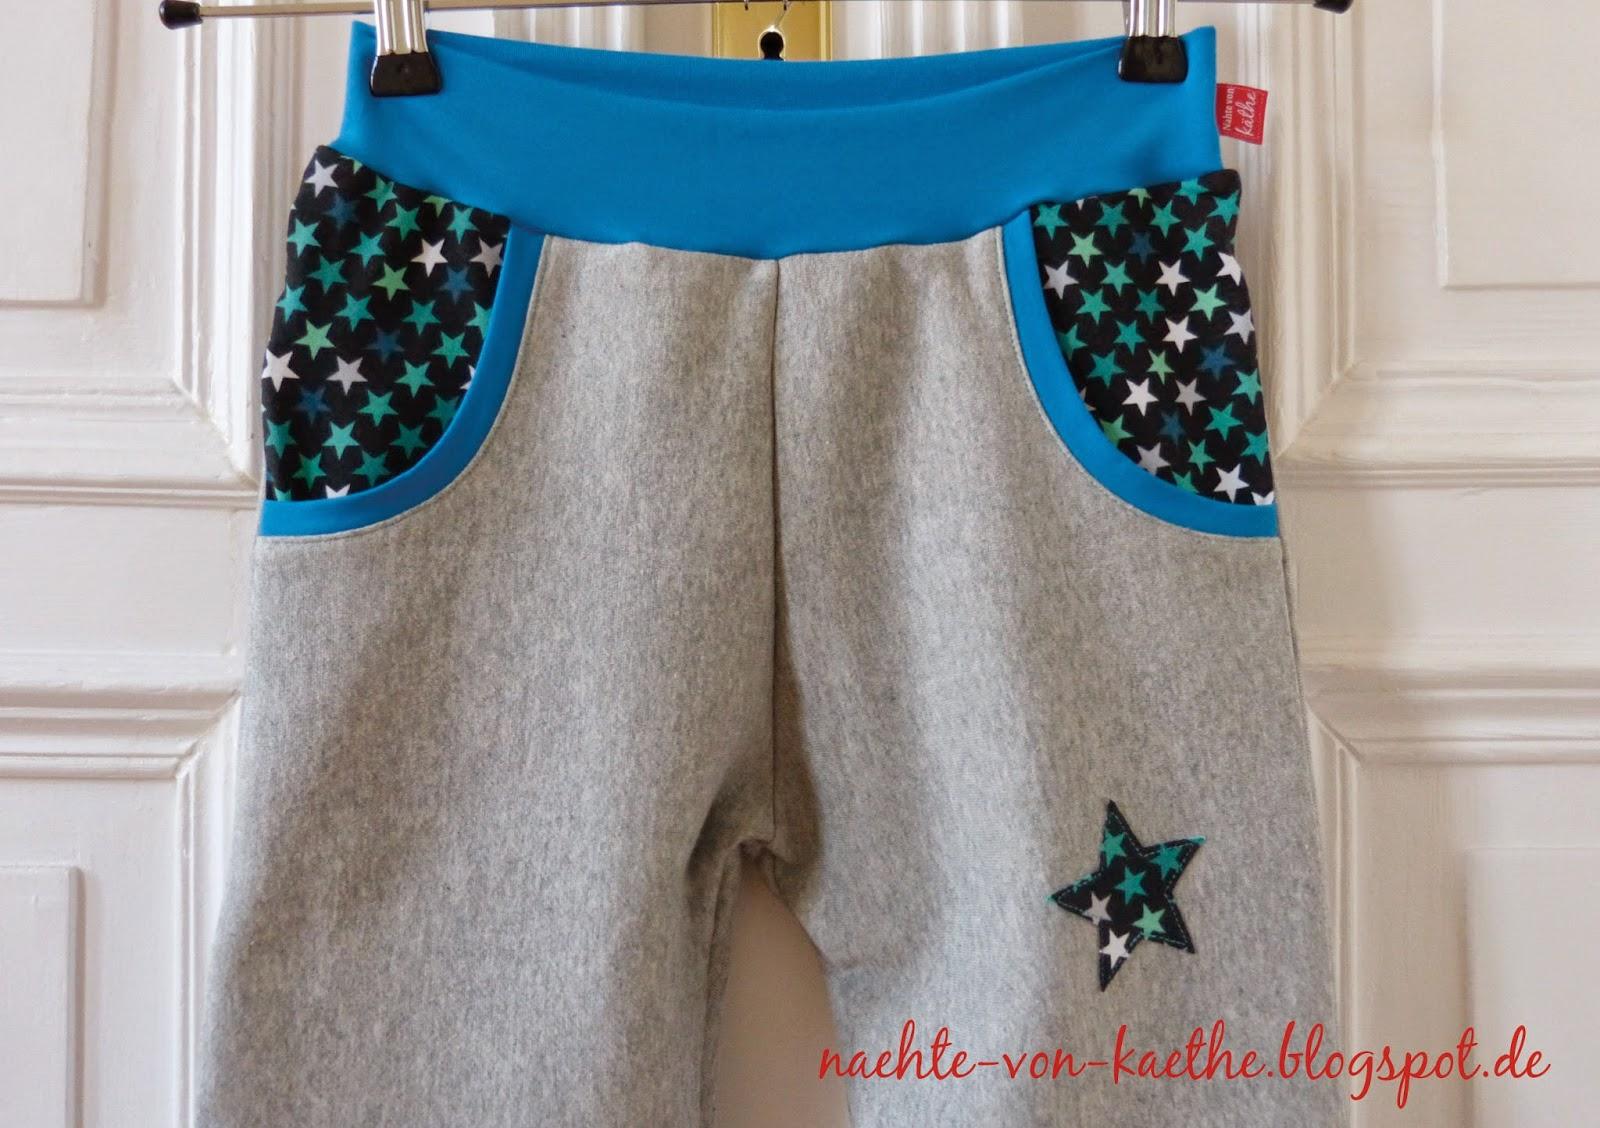 Lieblingsbuxe aus grauem Sweat, kombiniert mit Jersey in Petrol und Sternen, Sternenapplikation auf den Hosenbeinen